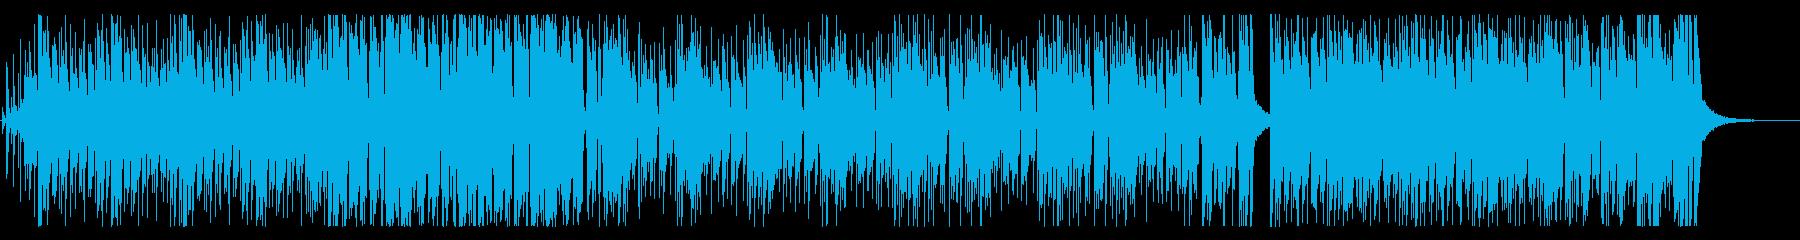 トランペットが印象的なファンク・ジャズの再生済みの波形